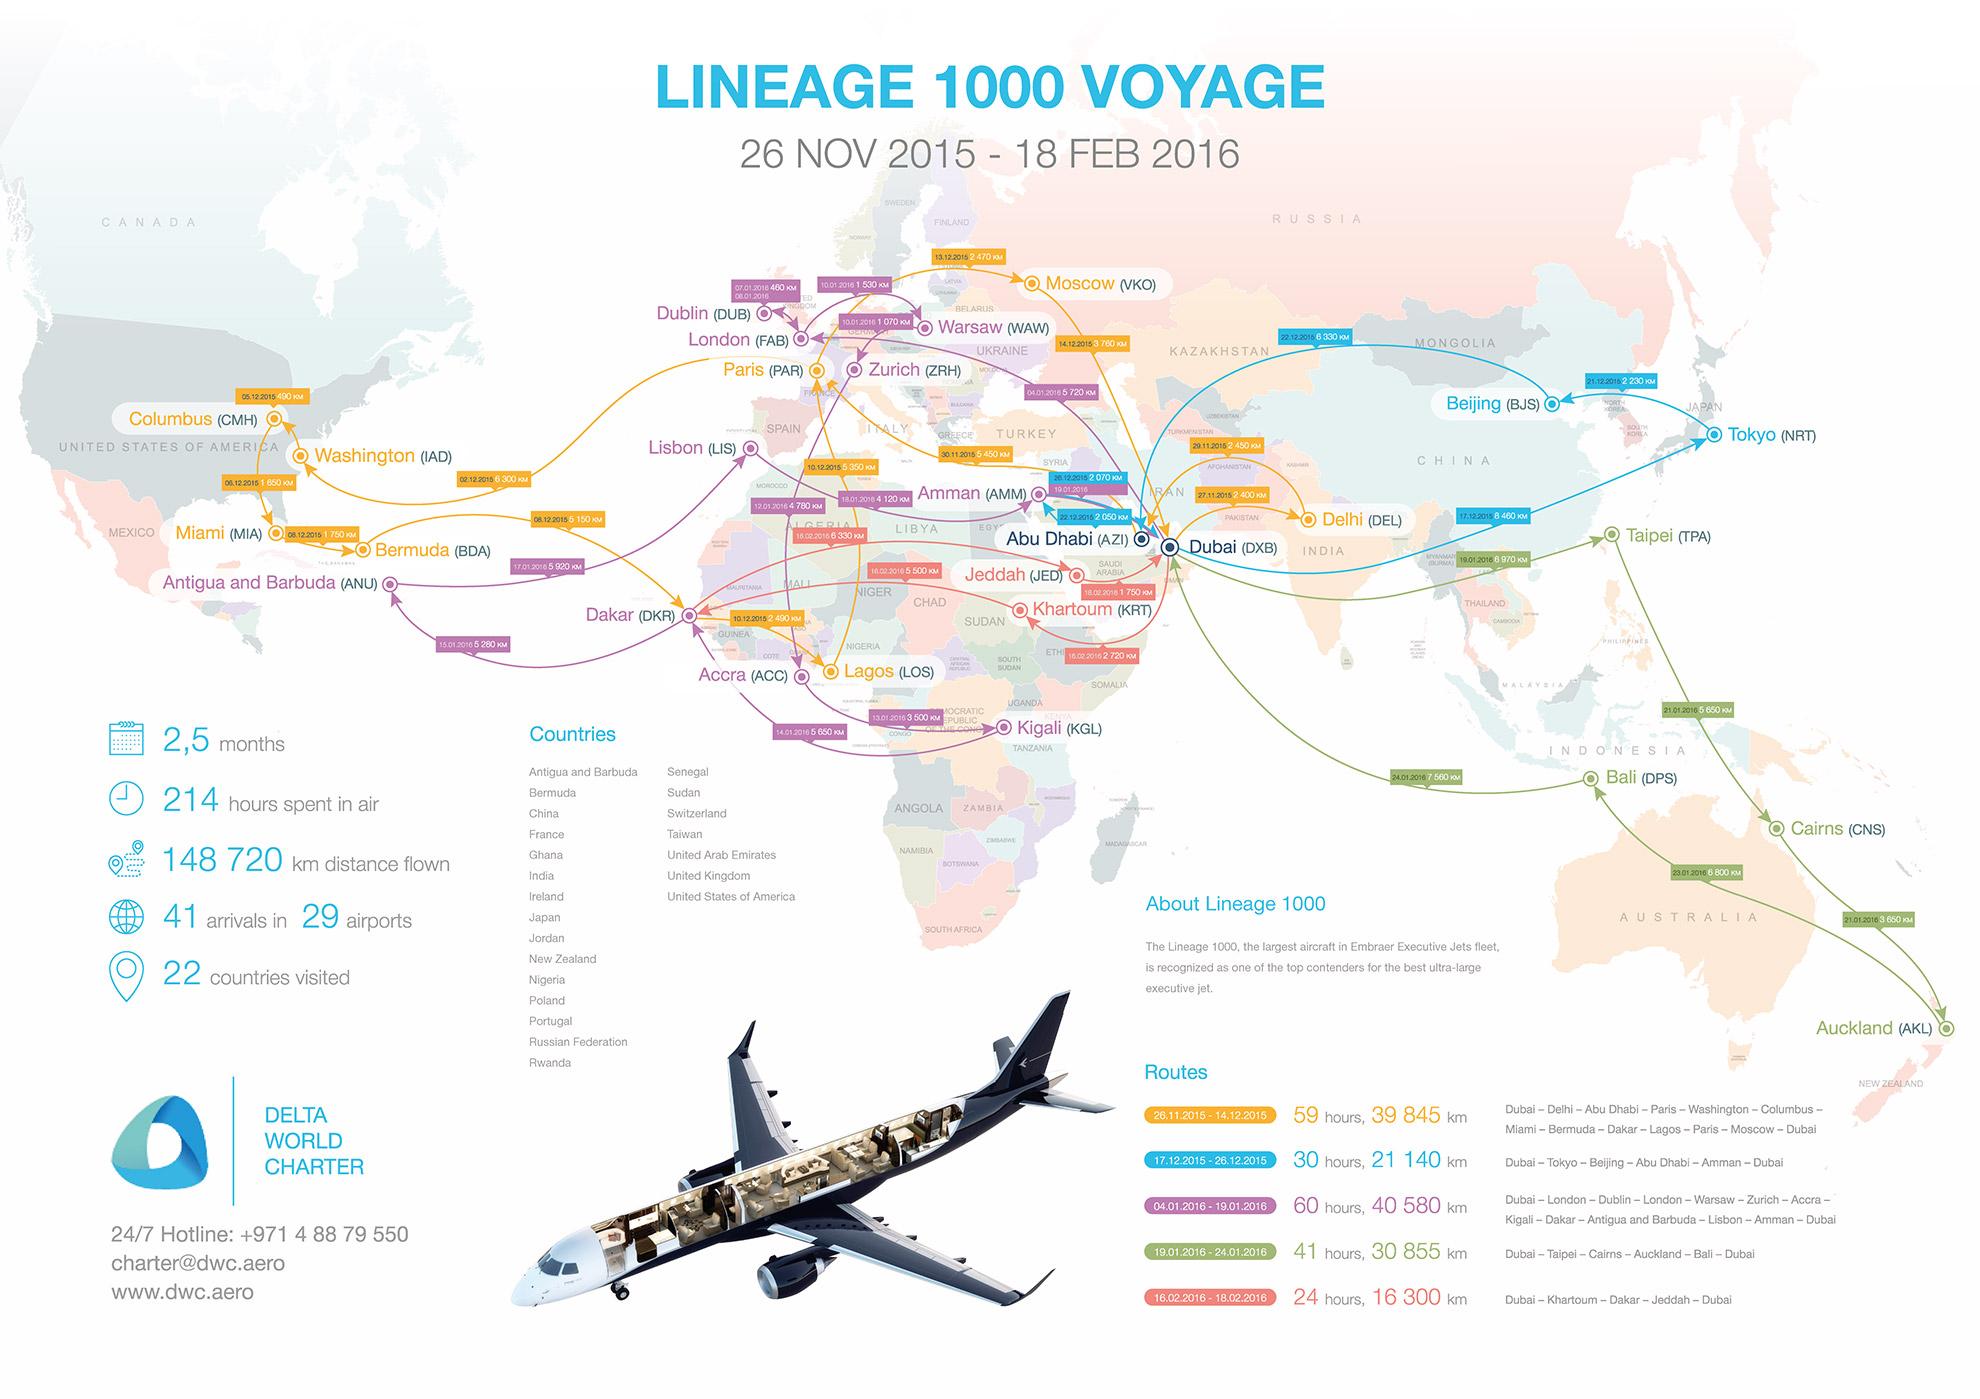 Linear 1000 vouage map design